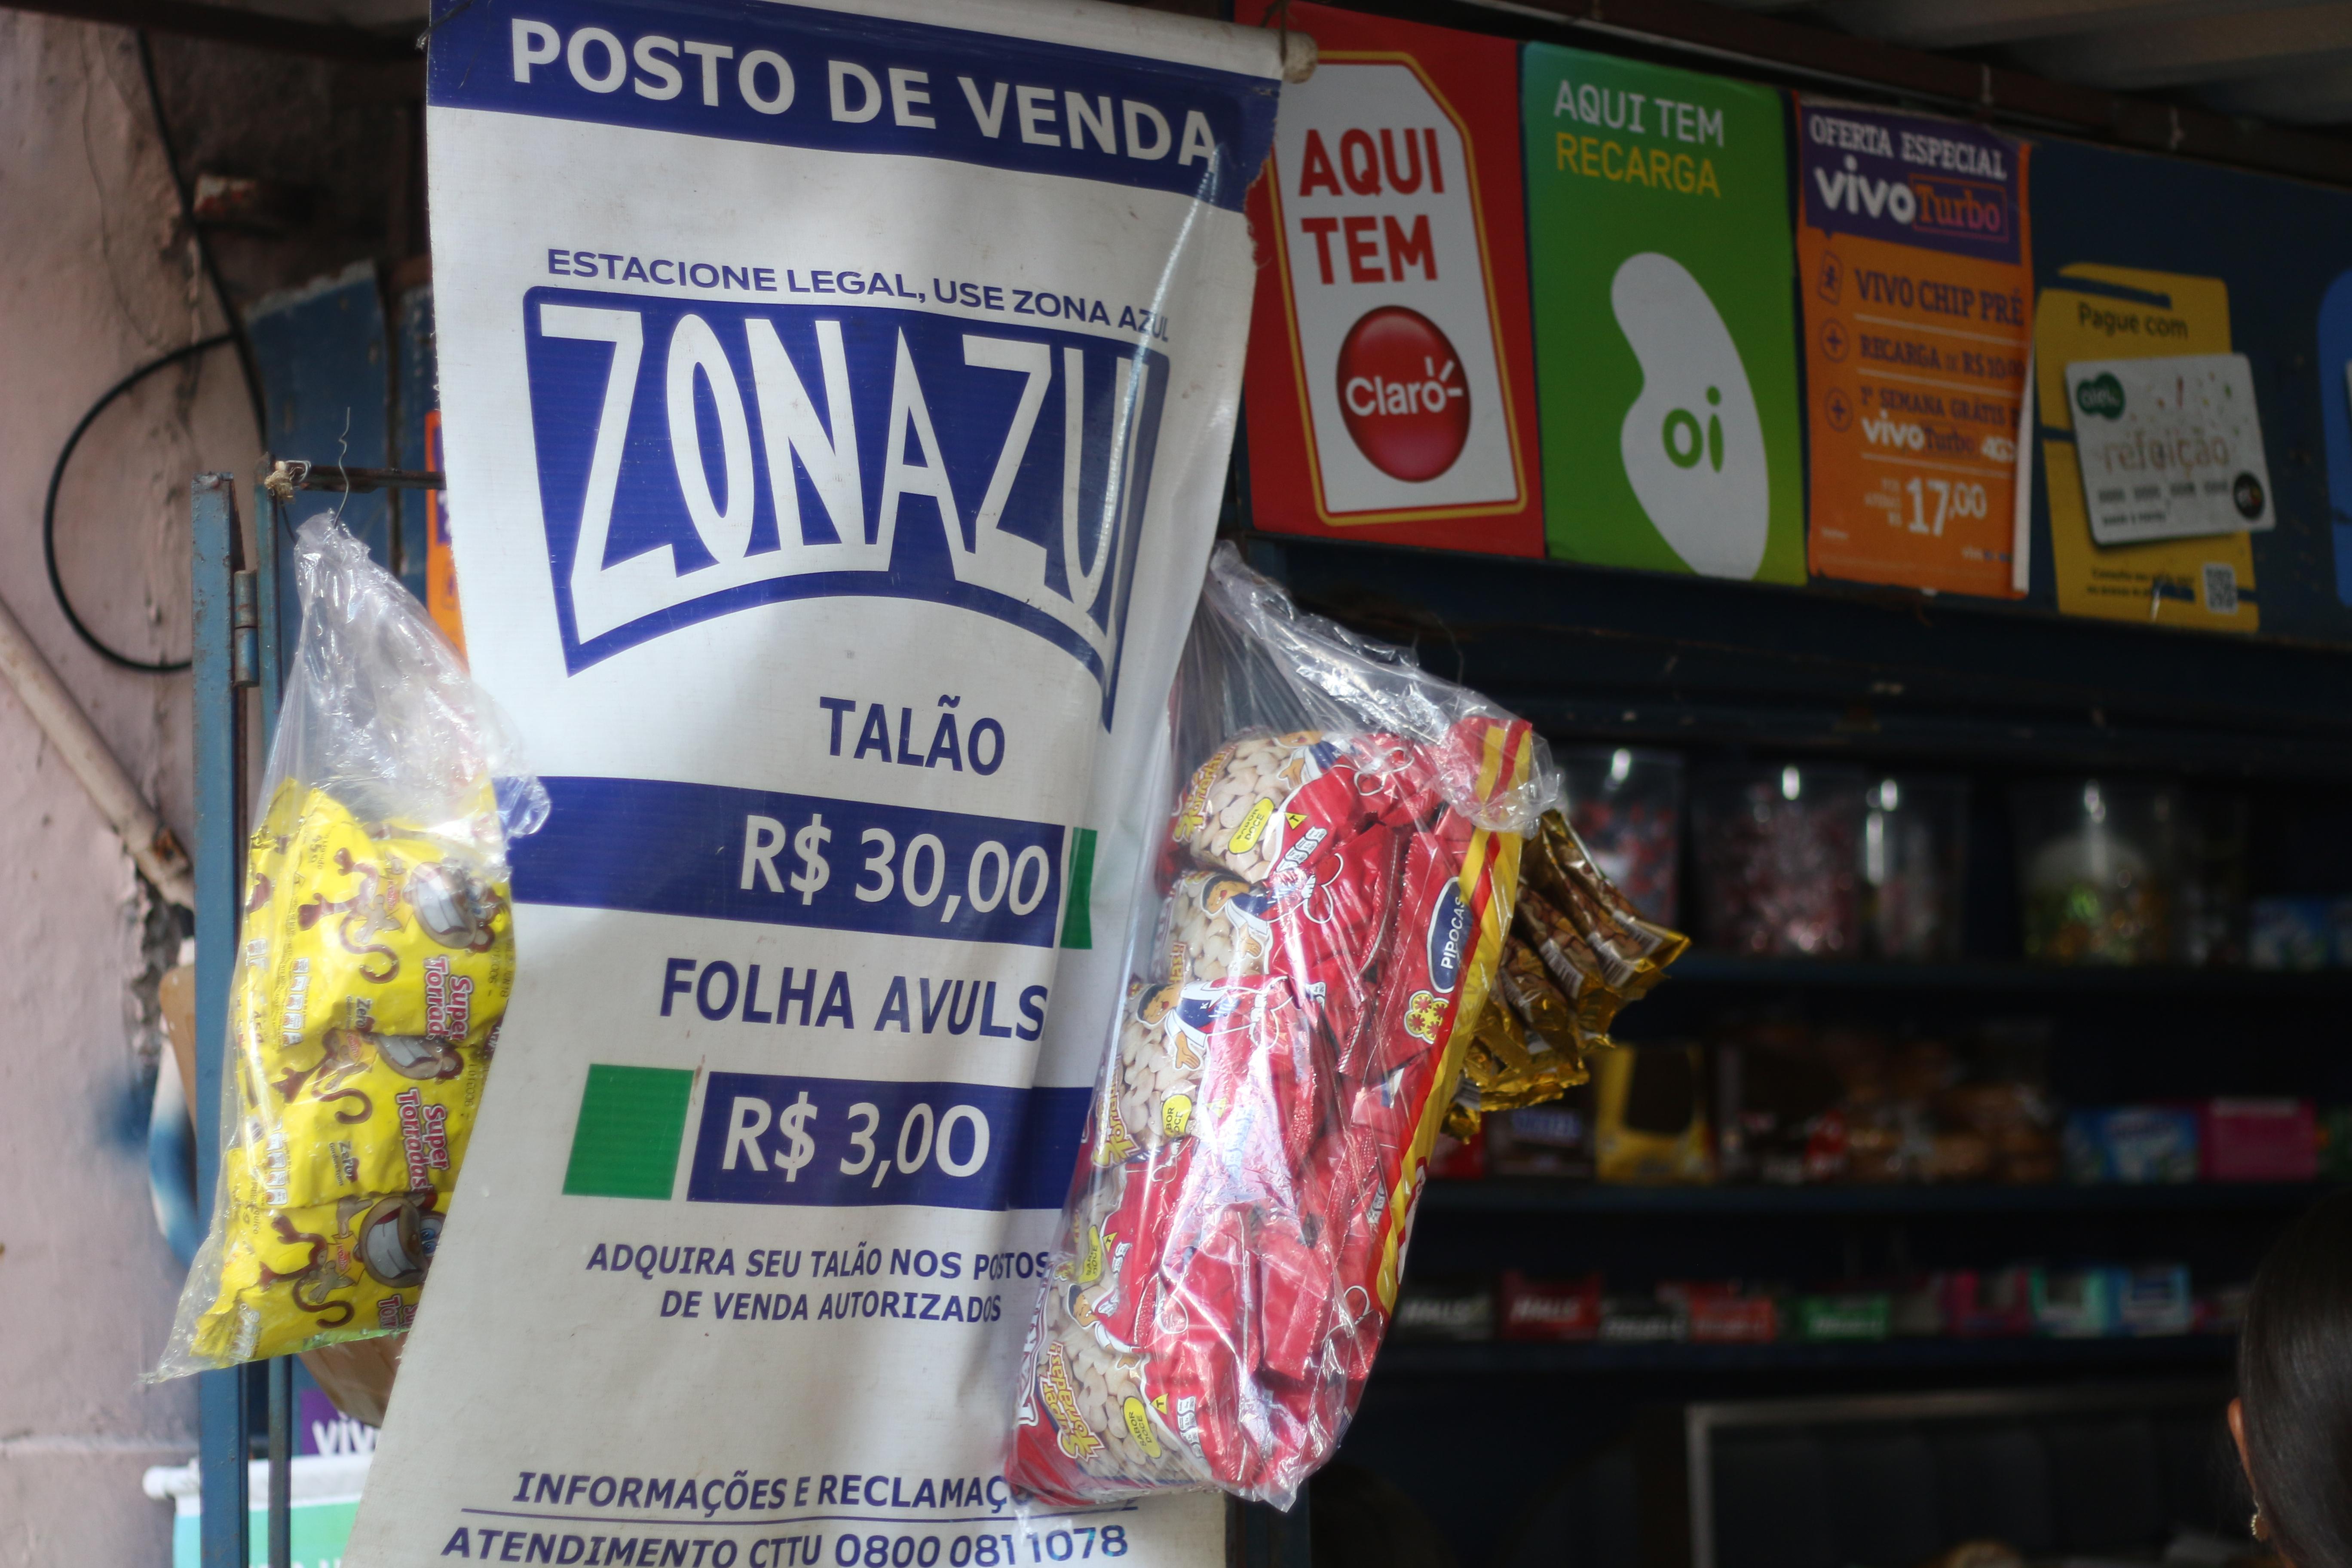 Fiteiros do Bairro do Recife não receberam material para comercializar nesta terça-feira. Credito Gabriel Melo Esp DP